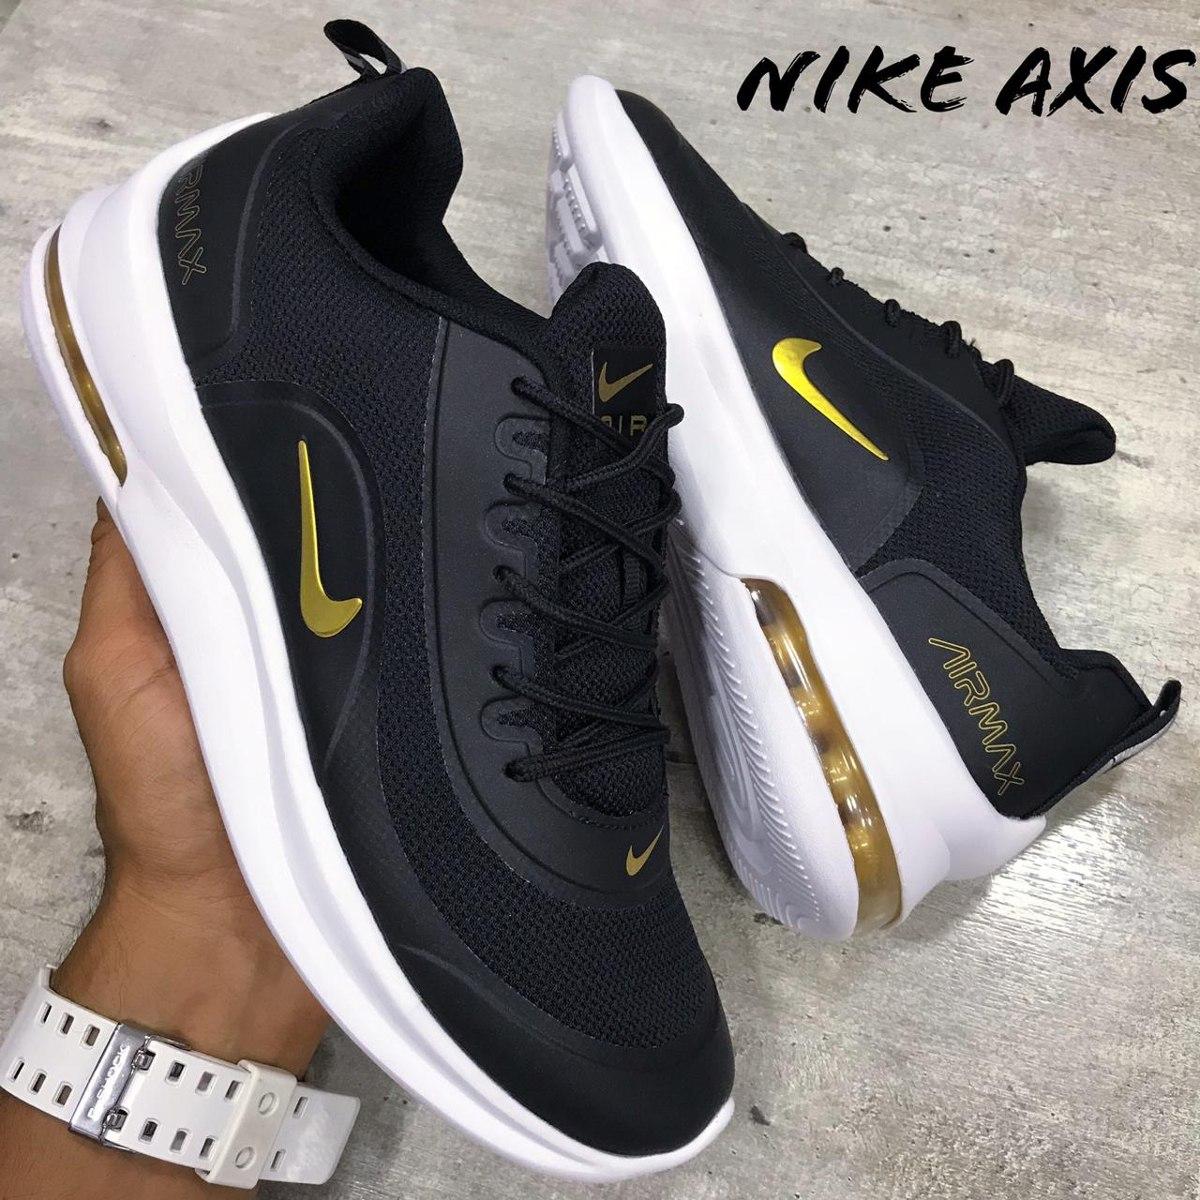 c9a2bdeb139 Tenis Nike Axis Hombre. X Talla Antes De Ofertar Zy1 -   159.000 en ...